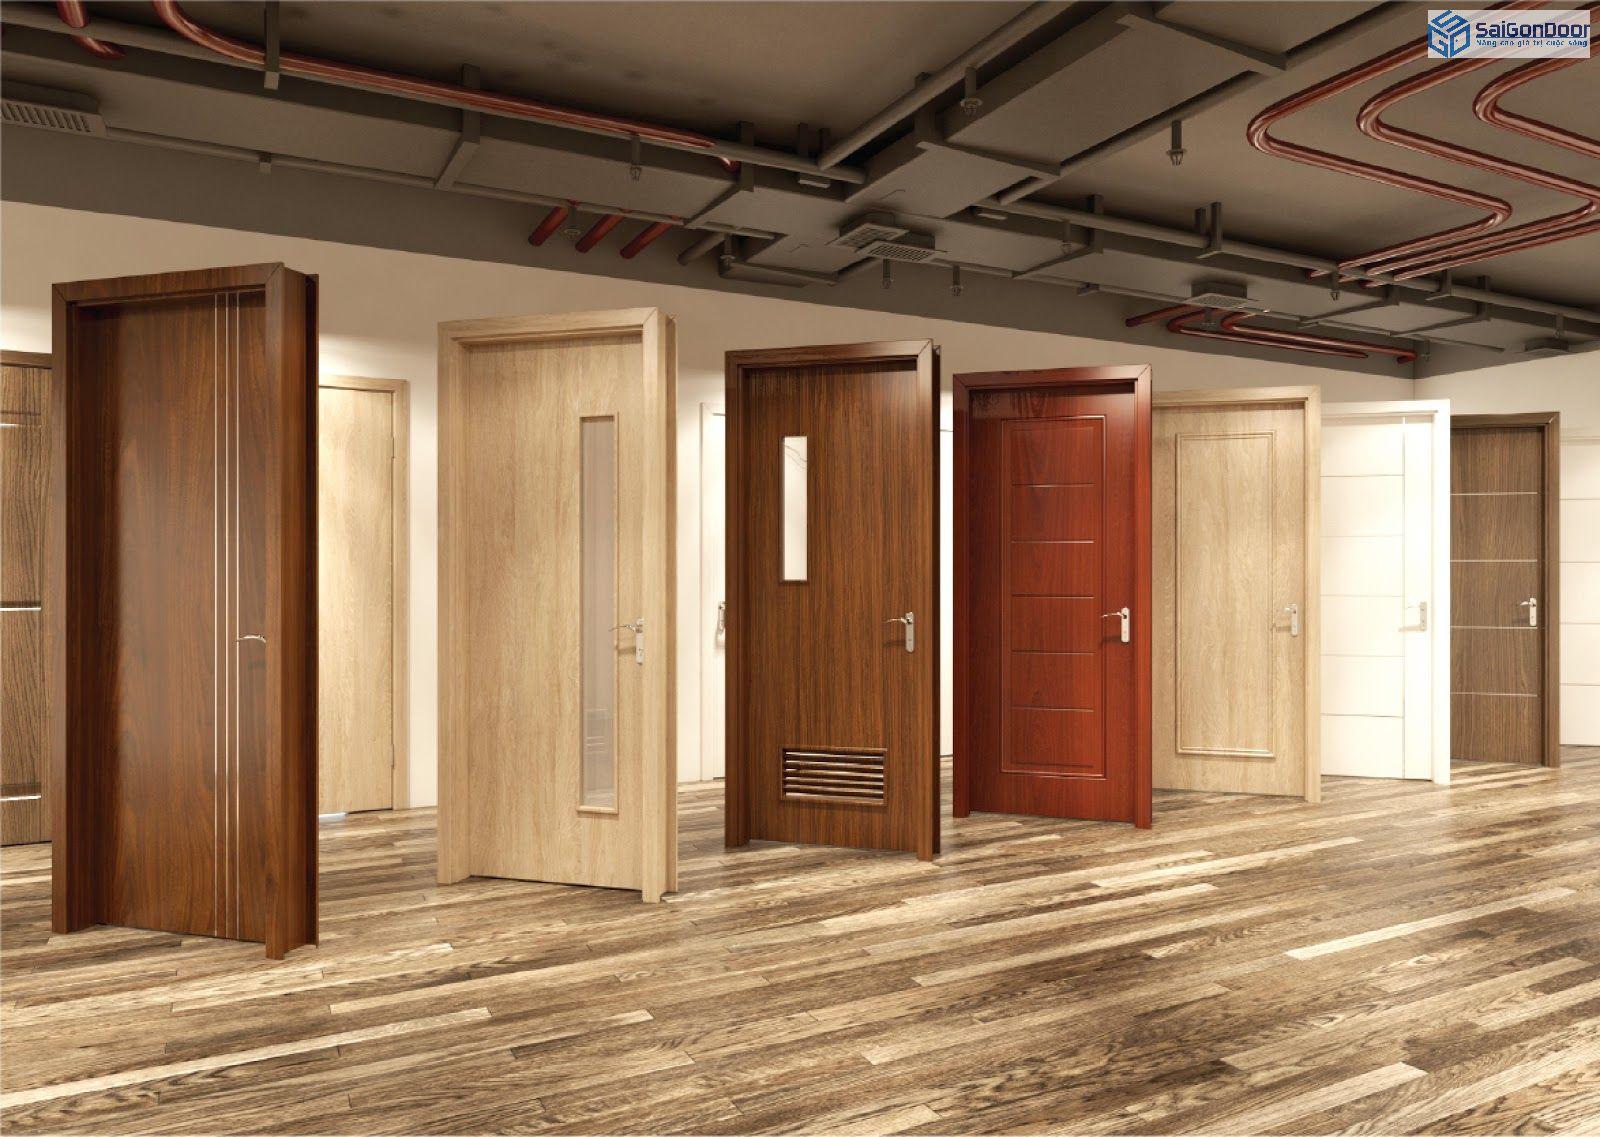 Cửa gỗ nhựa composite khá thẩm mỹ